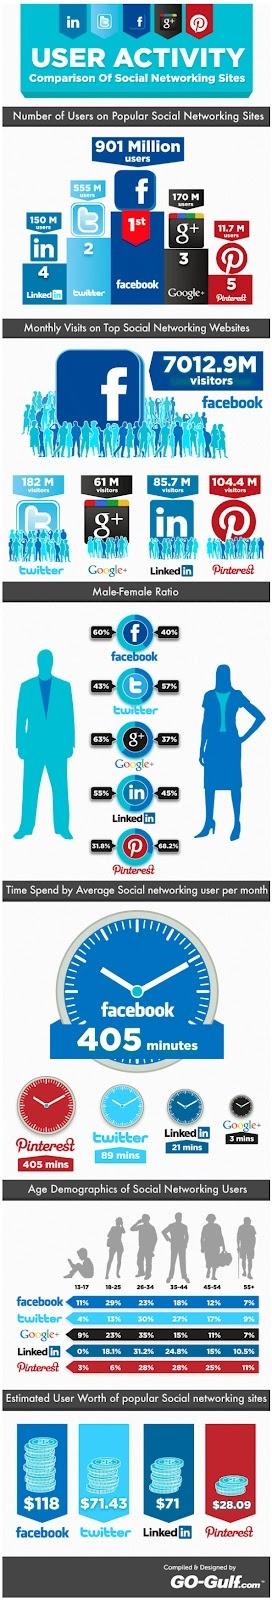 User activity between social network, comparison. La infografía definitiva sobre redes sociales #infography